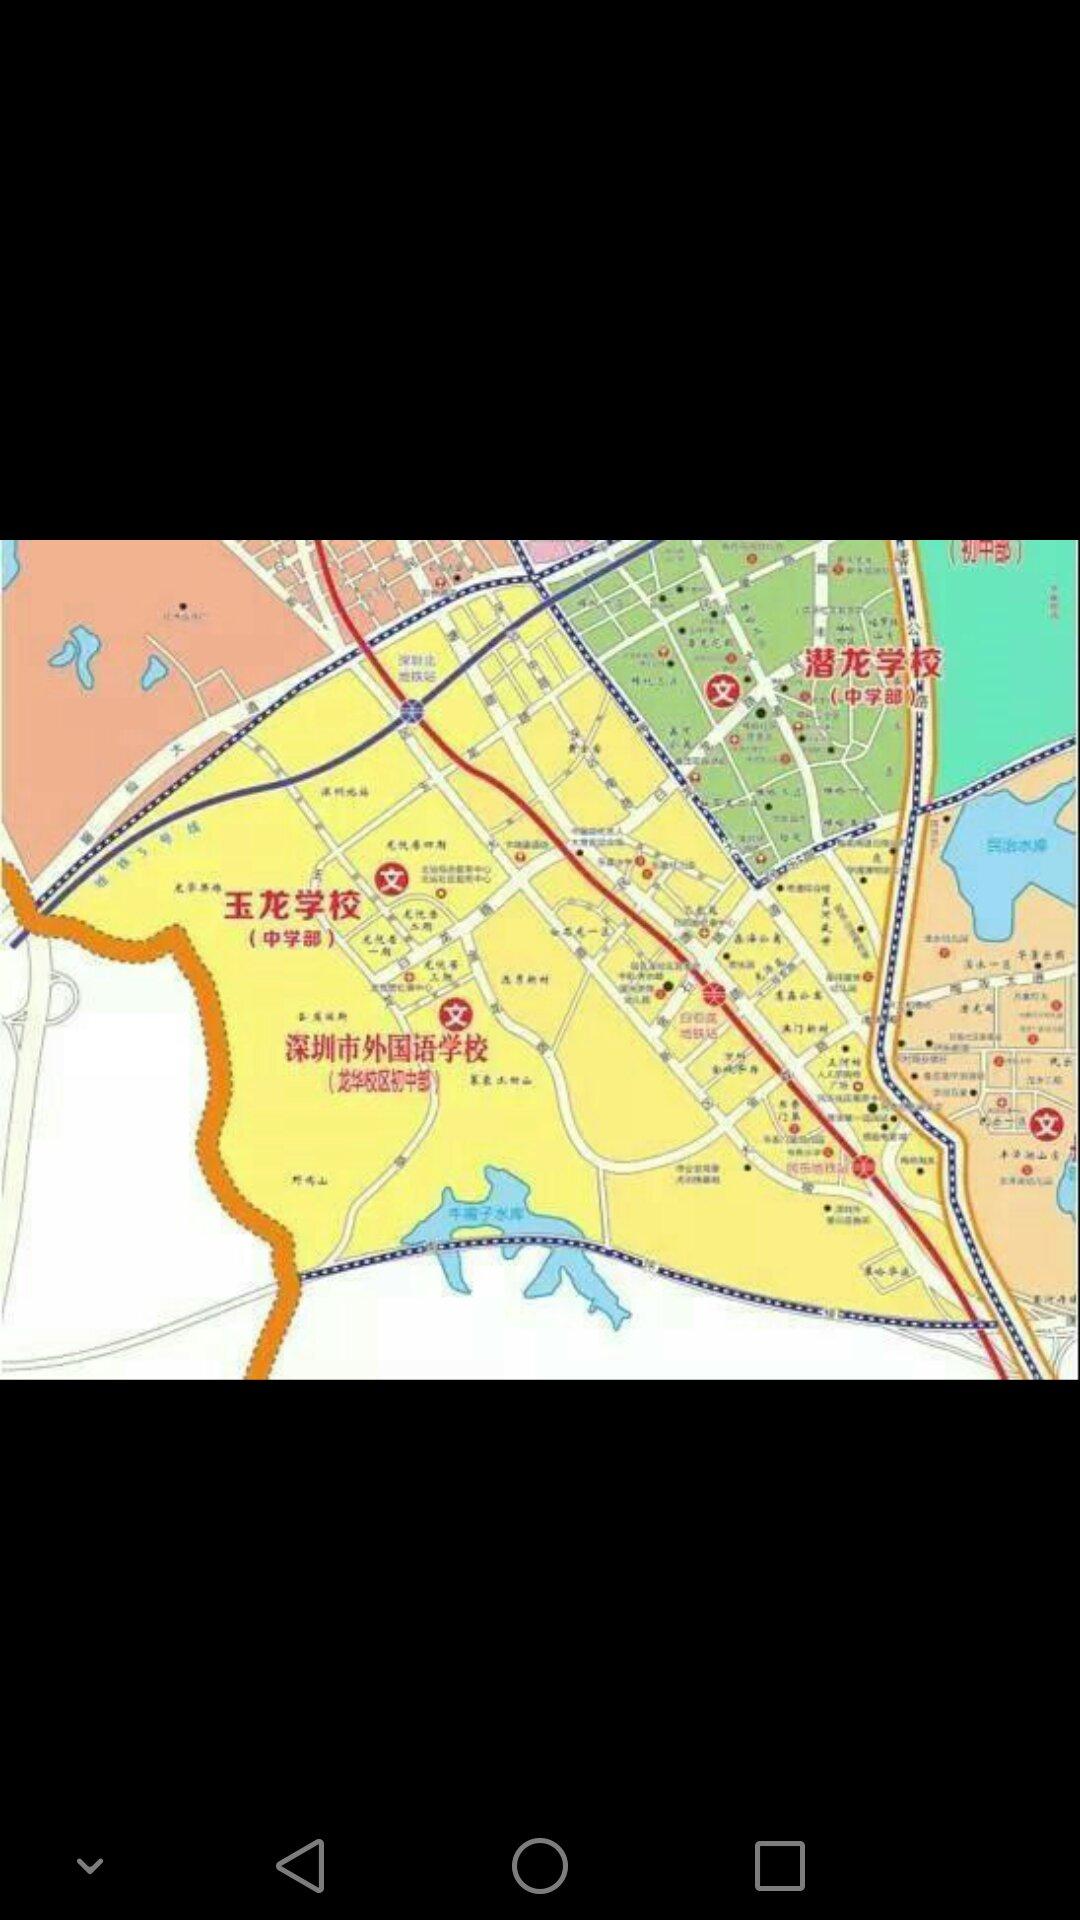 对深圳外国语语文龙华小学小学、学区学校划分课校区v语文阅读初中图片